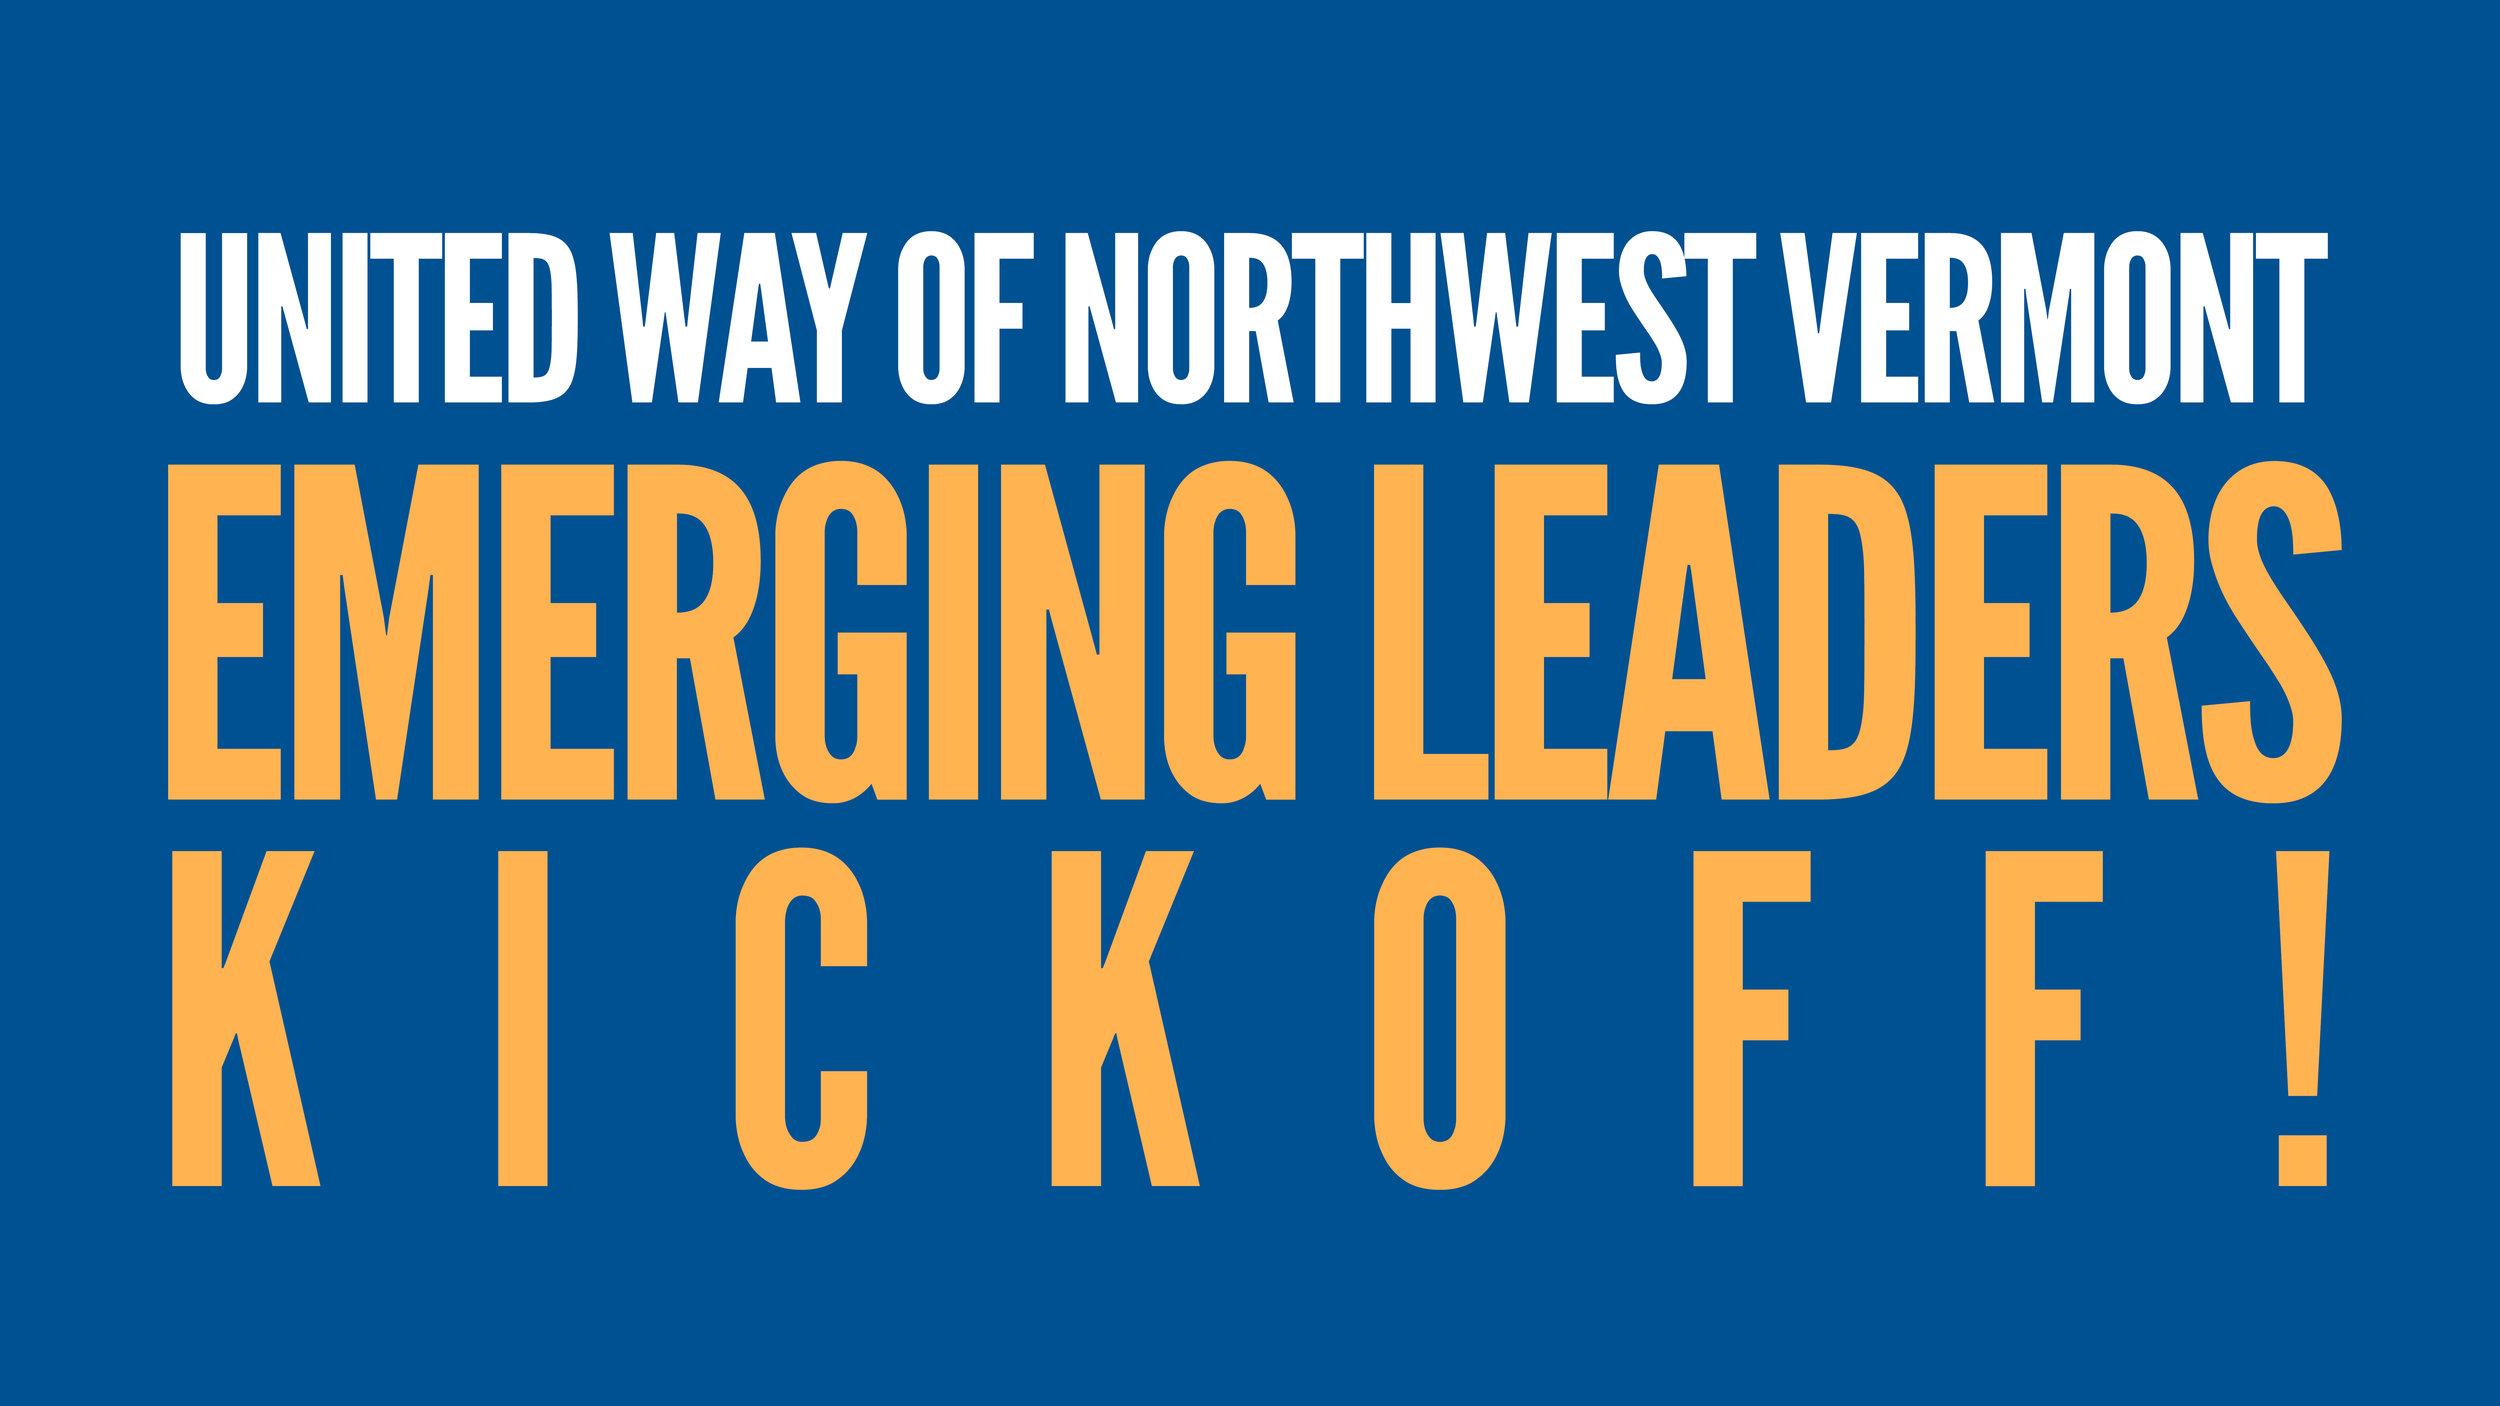 emerging leaders kickoff united way